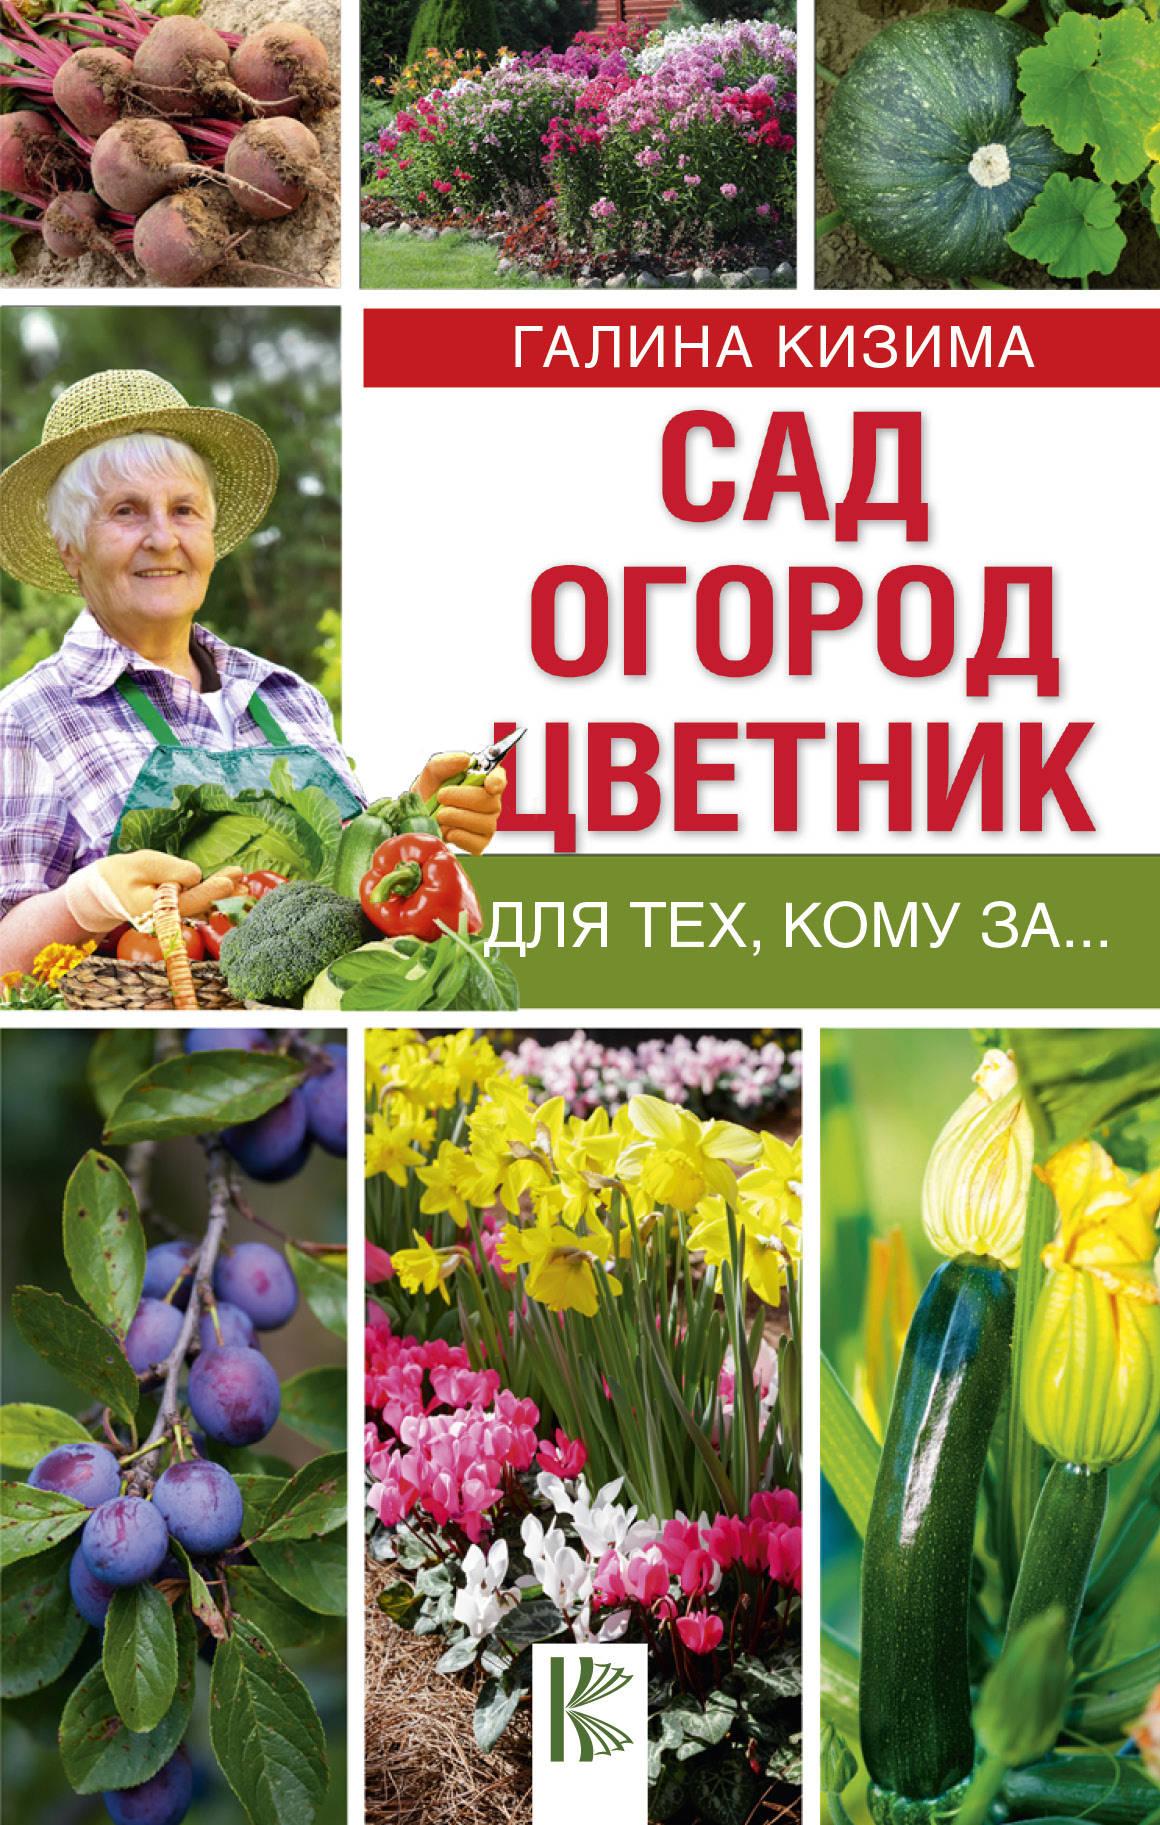 «Сад, огород, цветник для тех, кому за…»